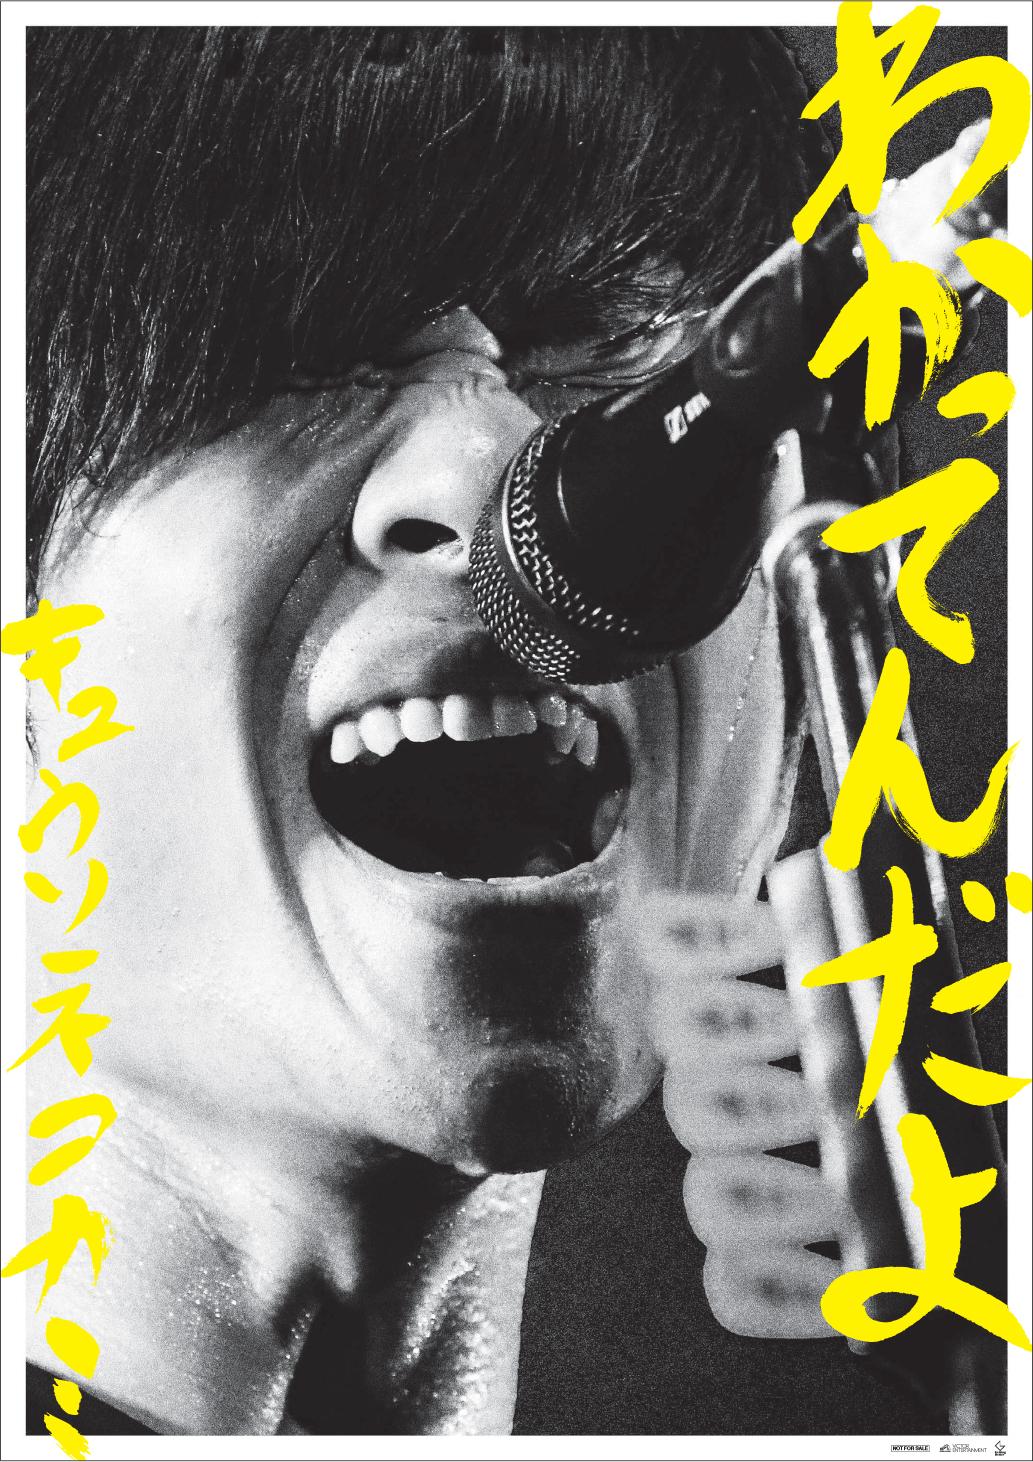 キュウソネコカミ「わかってんだよ」ポスター/TSUTAYA